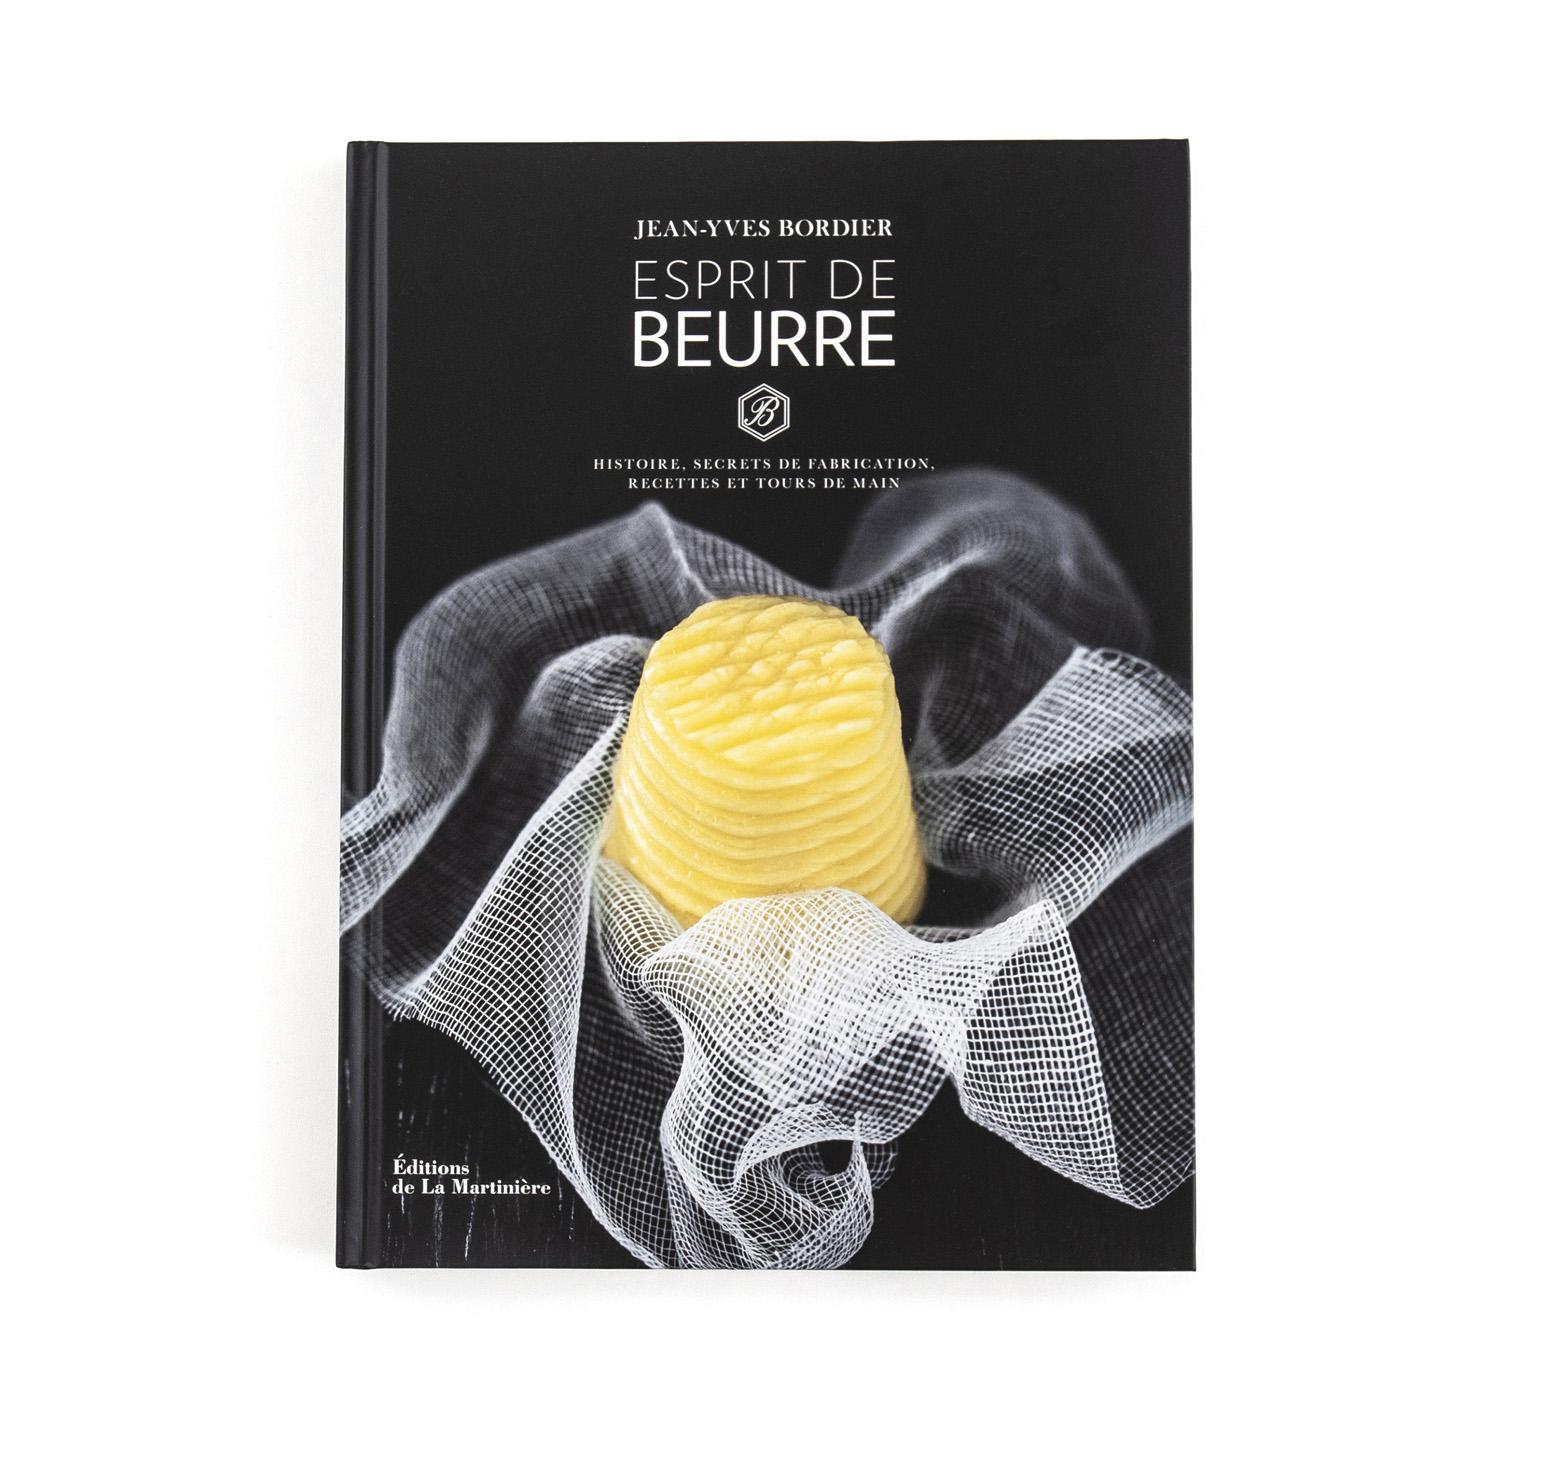 Esprit de Beurre   Jean-Yves Bordier  Éditions de La Martinière  192 pages